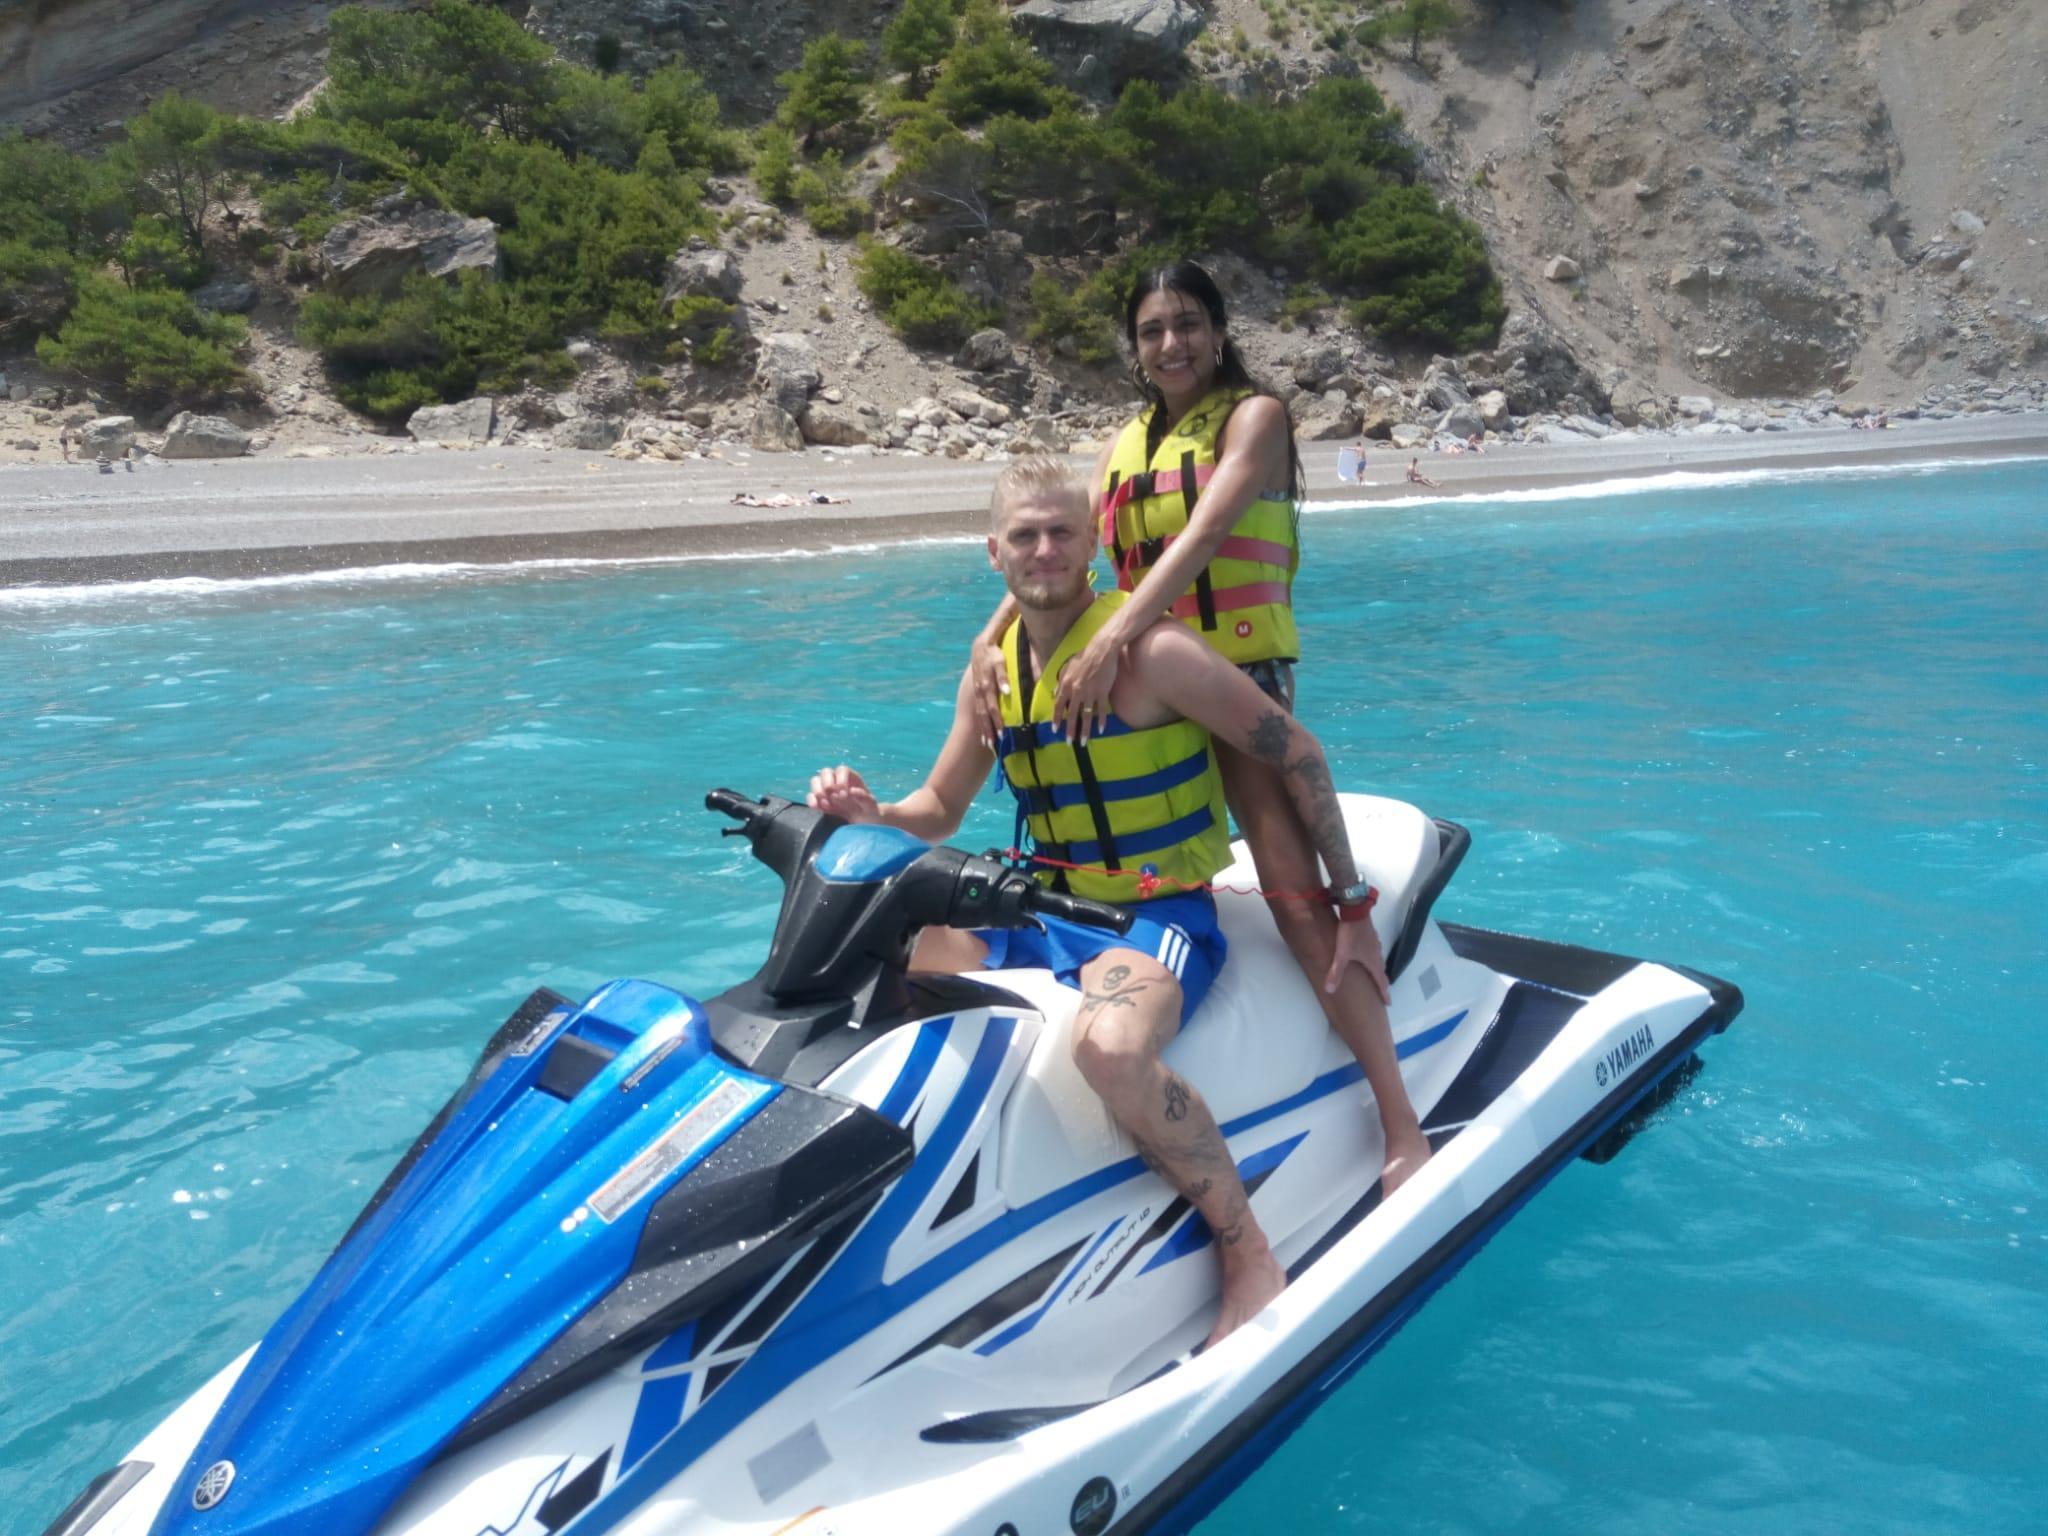 Jet Ski Safari from Alcúdia to Coll Baix Beach